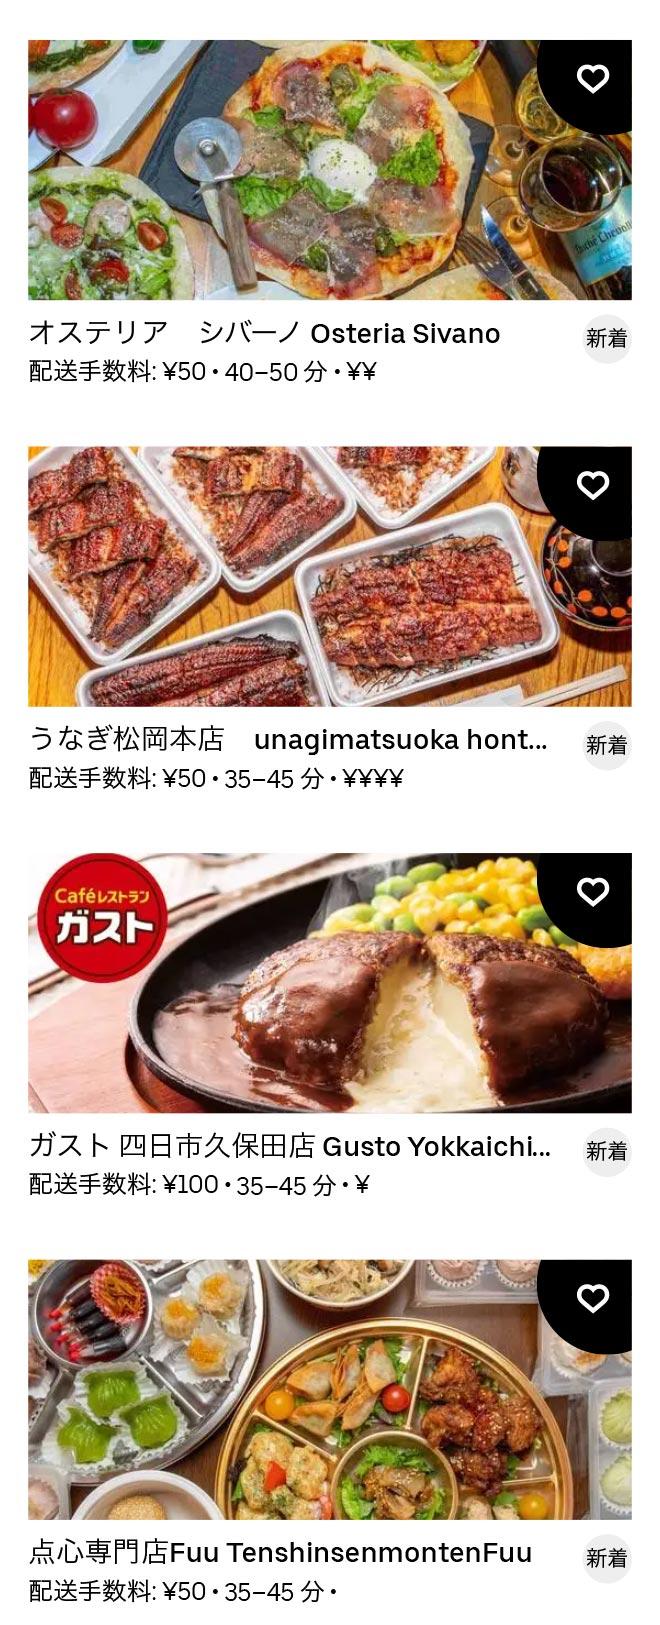 Yokkaichi menu 2012 05